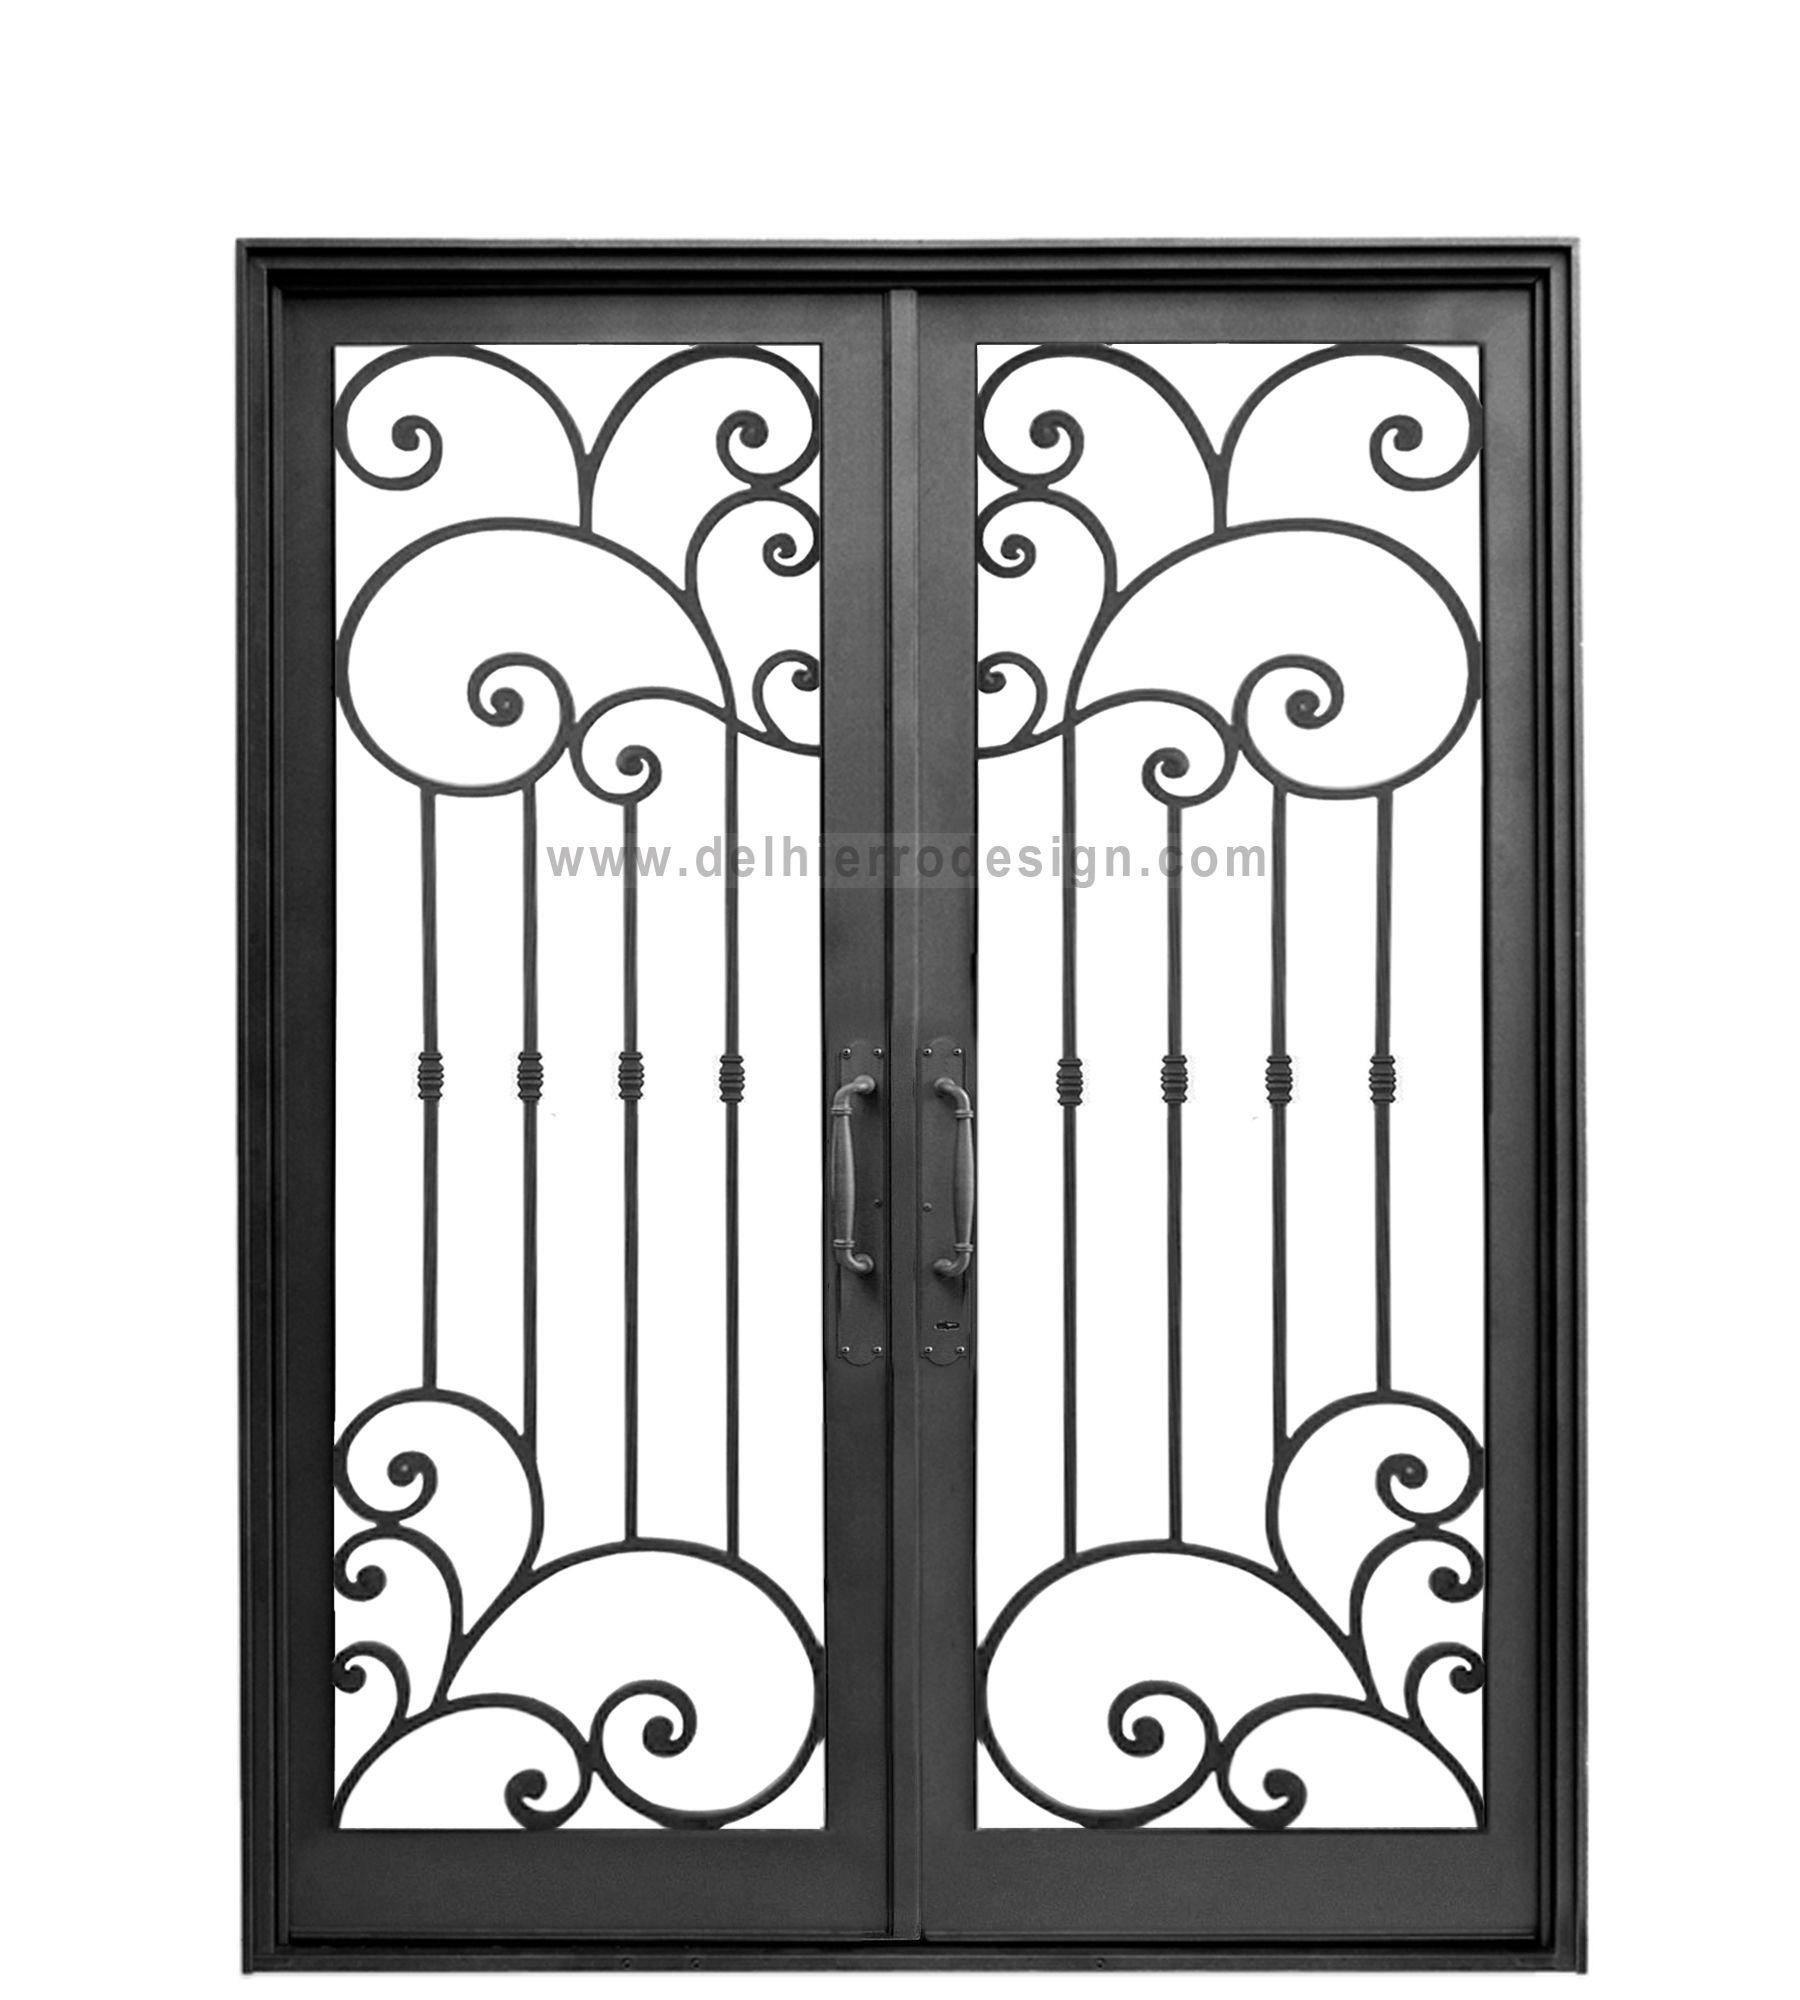 Puerta De Entrada De Hierro Forjado Codigo 1890 Diseno De Puerta De Hierro Puertas De Hierro Ventanas De Metal